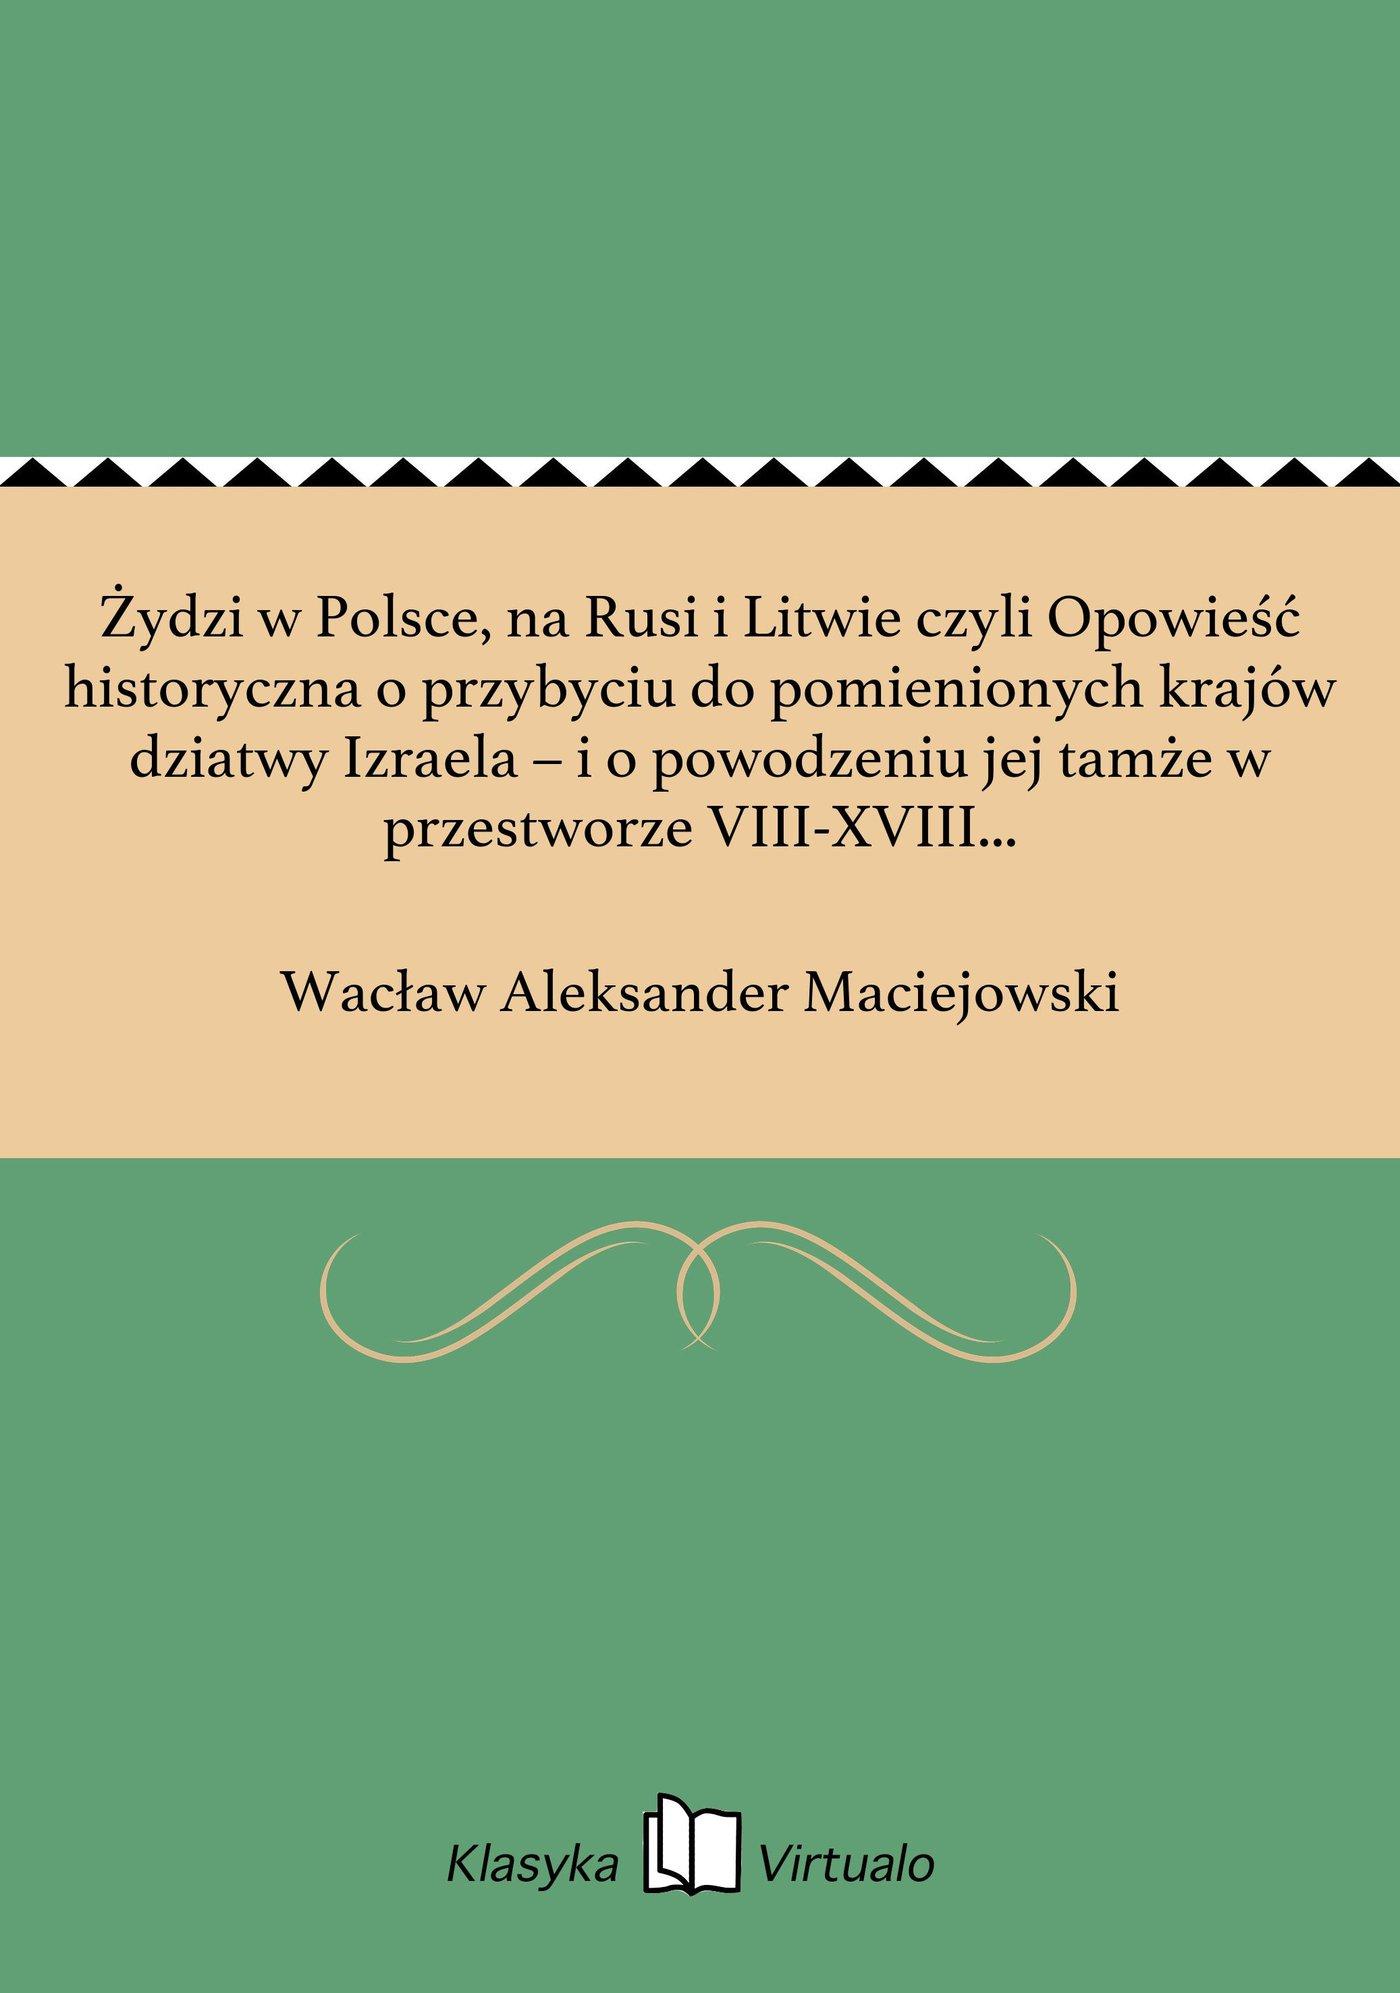 """Żydzi w Polsce, na Rusi i Litwie czyli Opowieść historyczna o przybyciu do pomienionych krajów dziatwy Izraela – i o powodzeniu jej tamże w przestworze VIII-XVIII wieku, którą jako czwarty dodatek do """"Historyi prawodawstw słowiańskich"""" drukiem ogłosił - Ebook (Książka EPUB) do pobrania w formacie EPUB"""